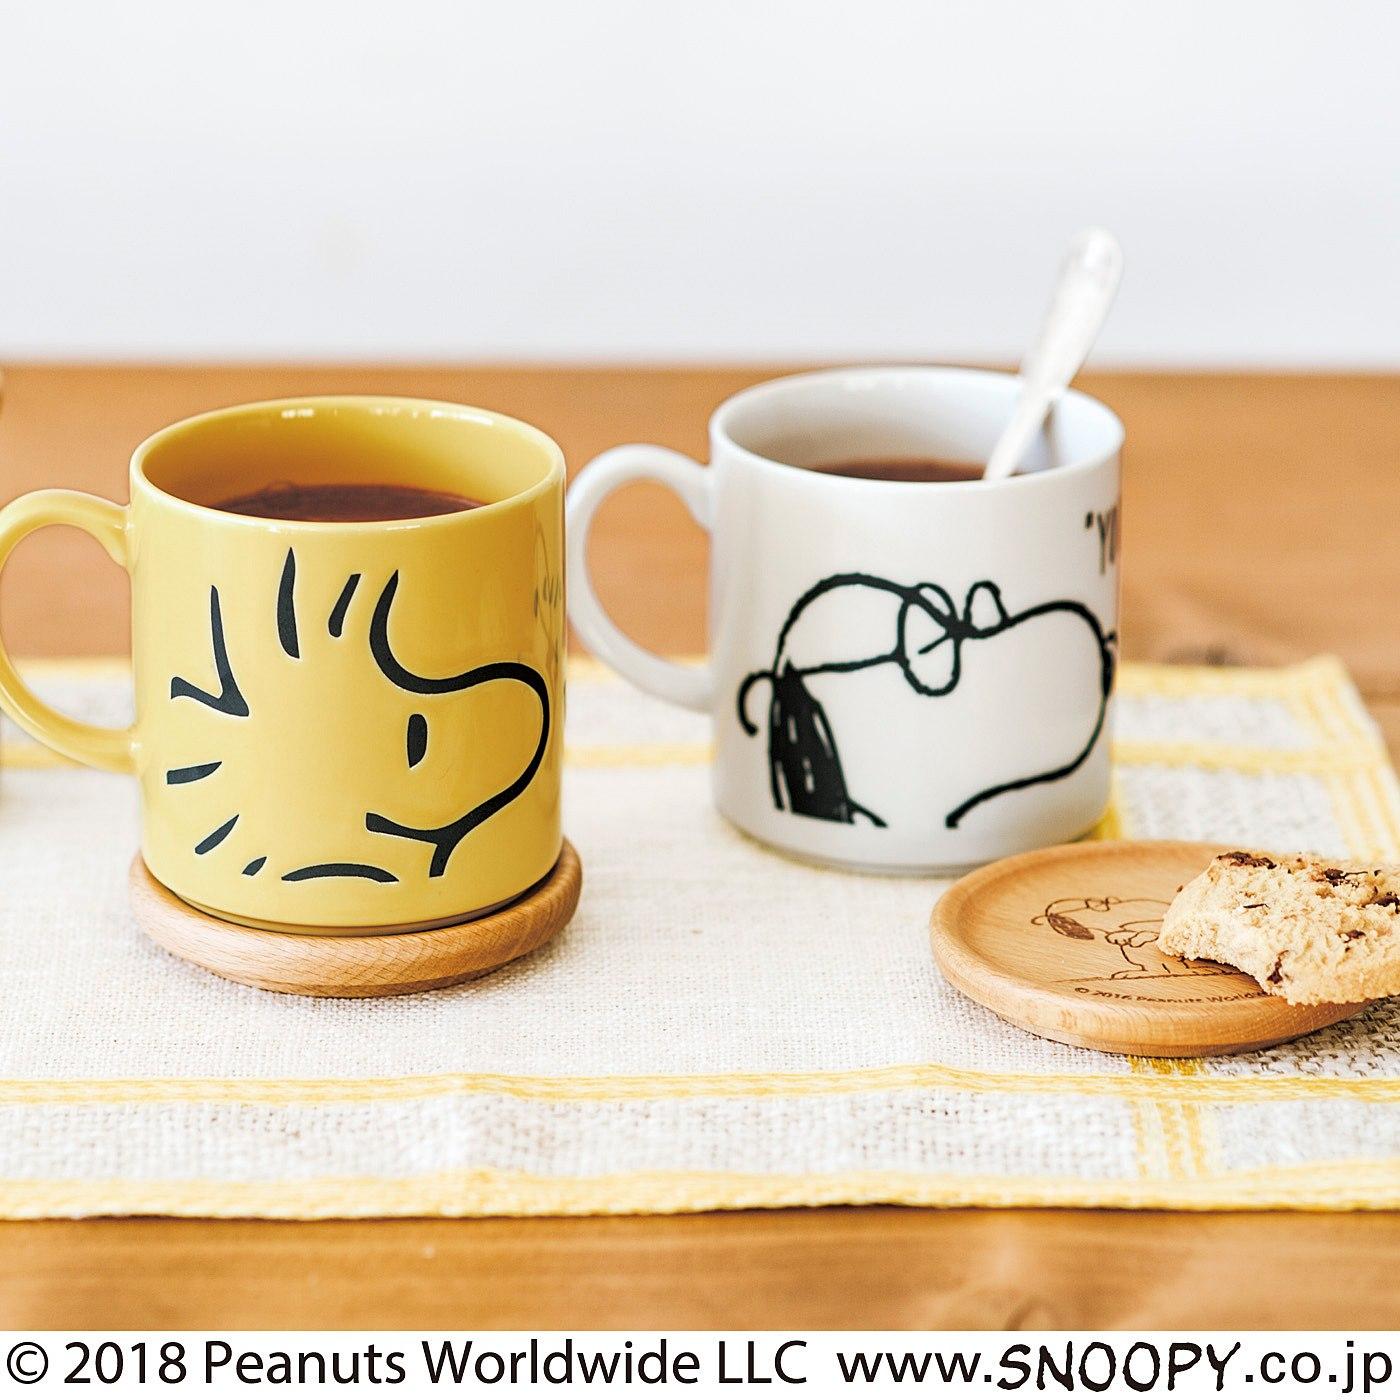 ヴィンテージピーナッツ スヌーピー 小皿にもなる木製ふた付きマグの会